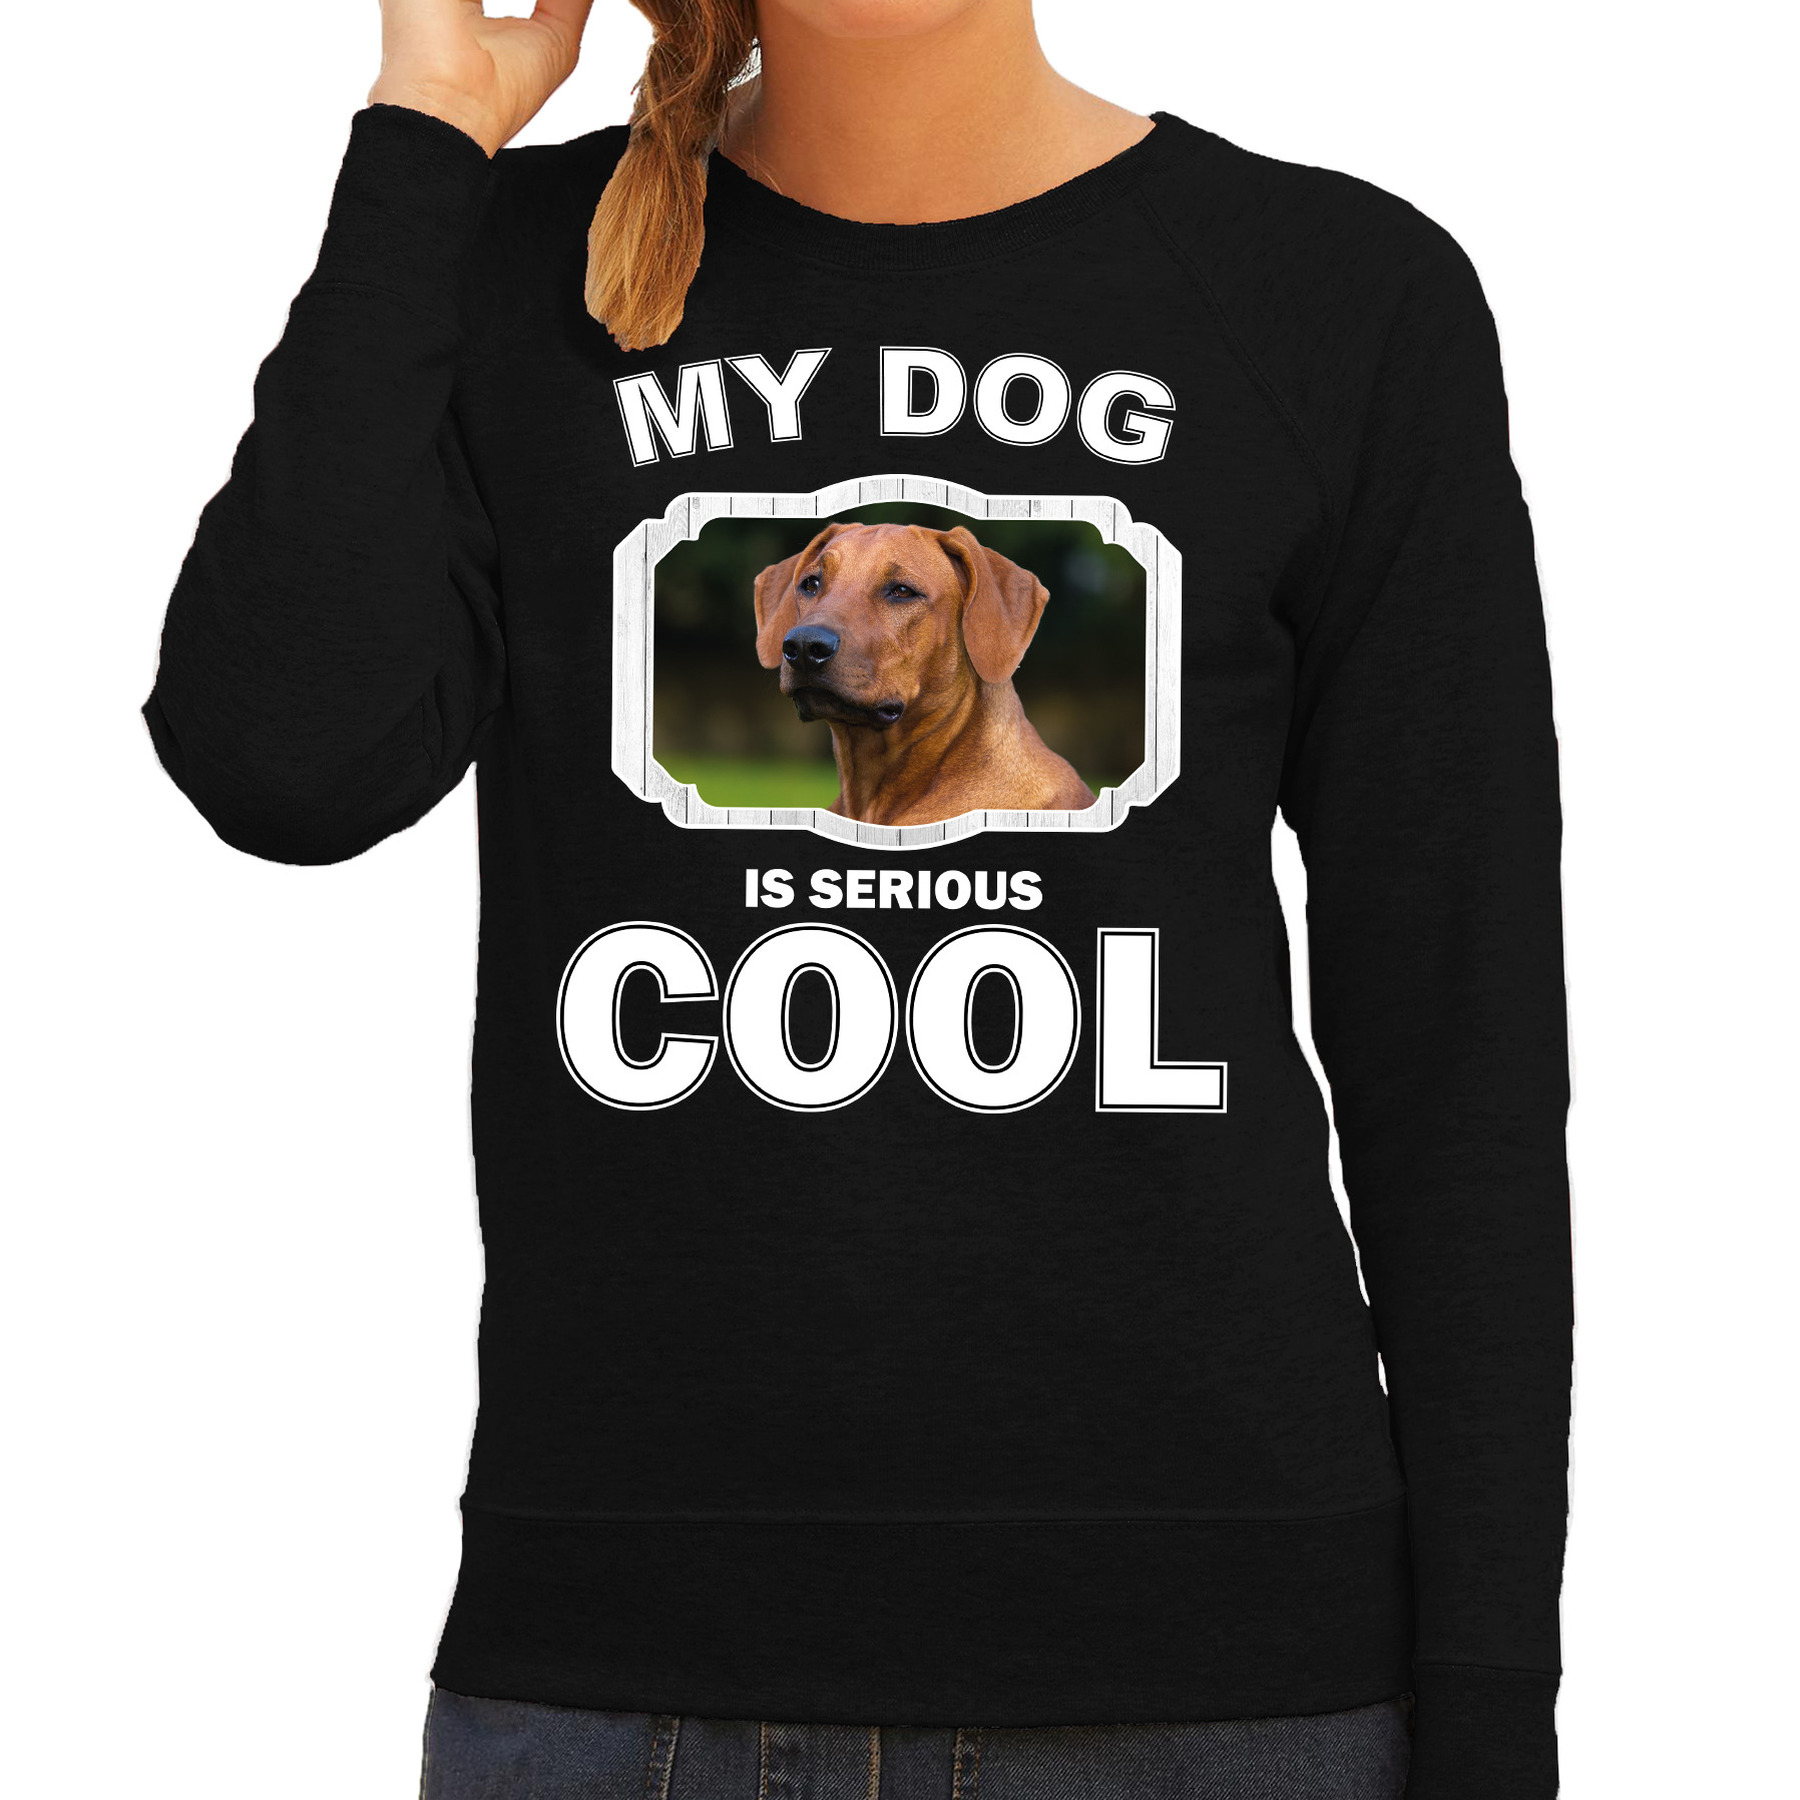 Honden liefhebber trui - sweater Rhodesische pronkrug my dog is serious cool zwart voor dames